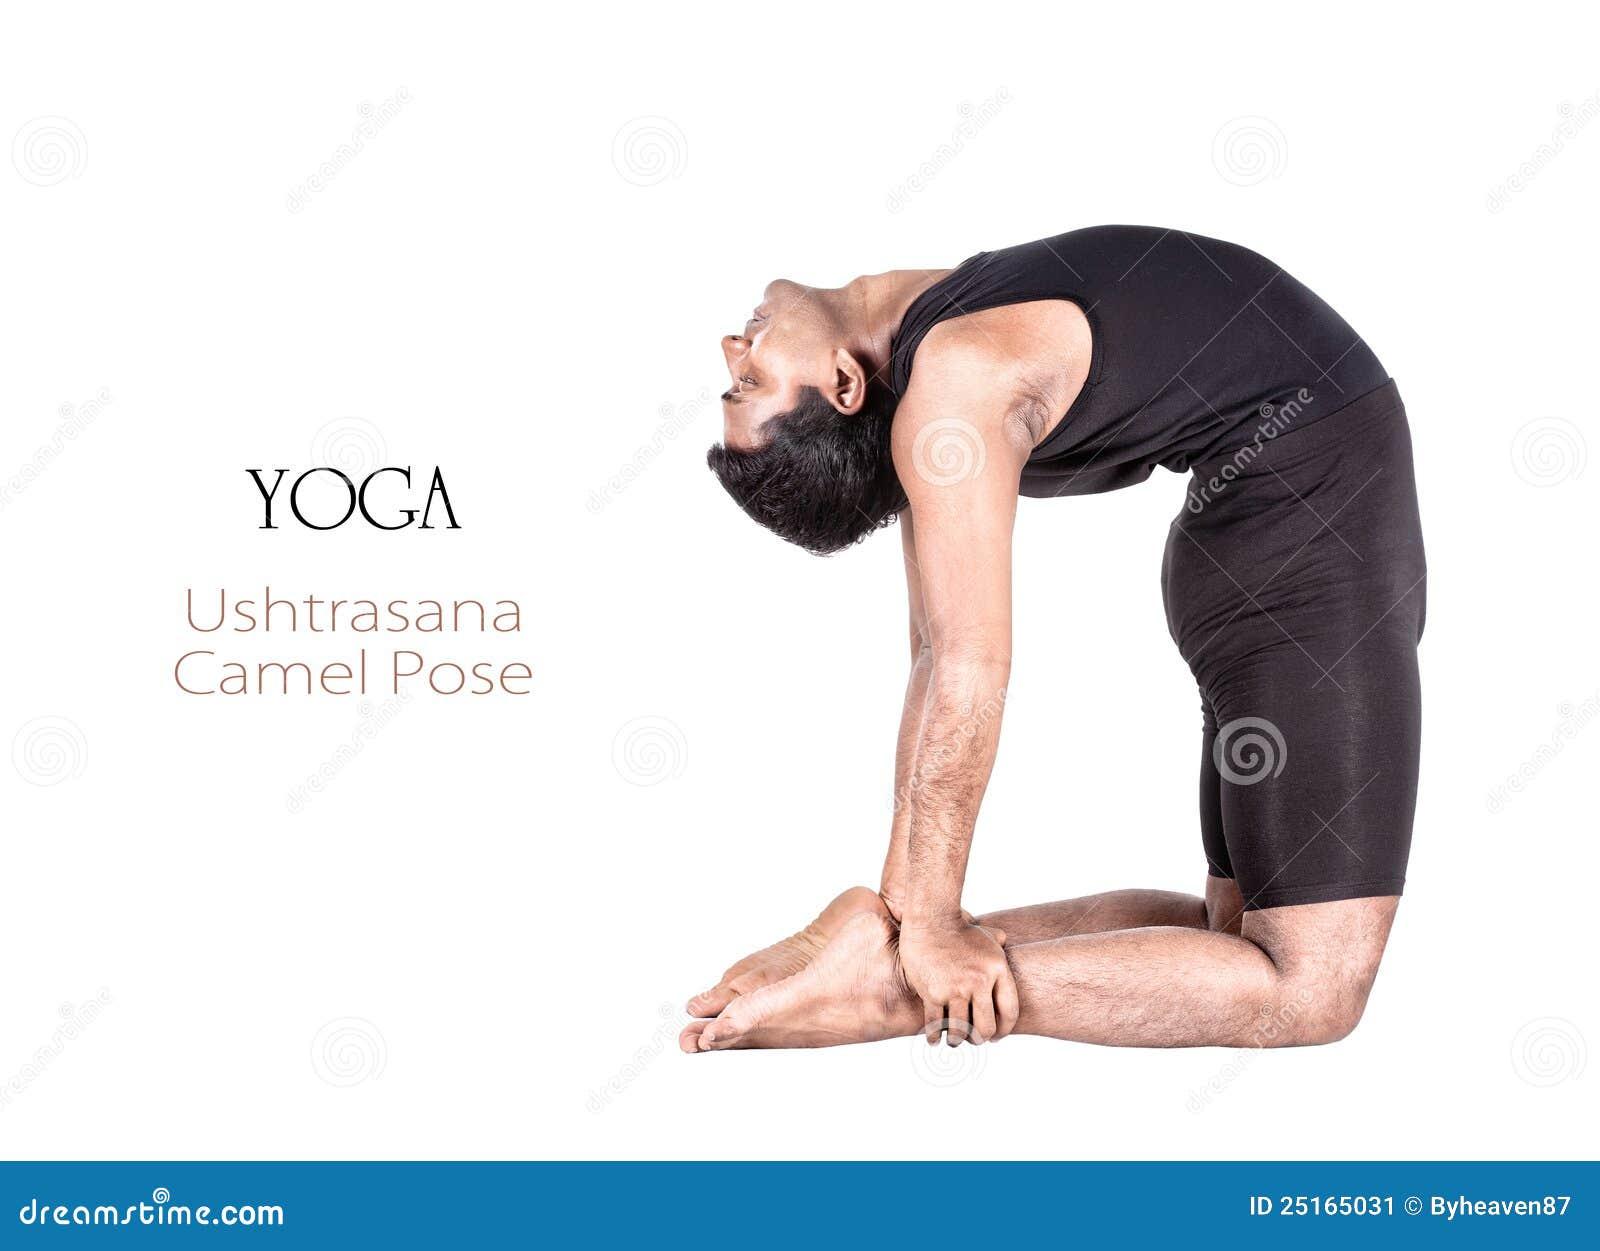 Yoga Ushtrasana Camel Pose Stock Image Of Cloth